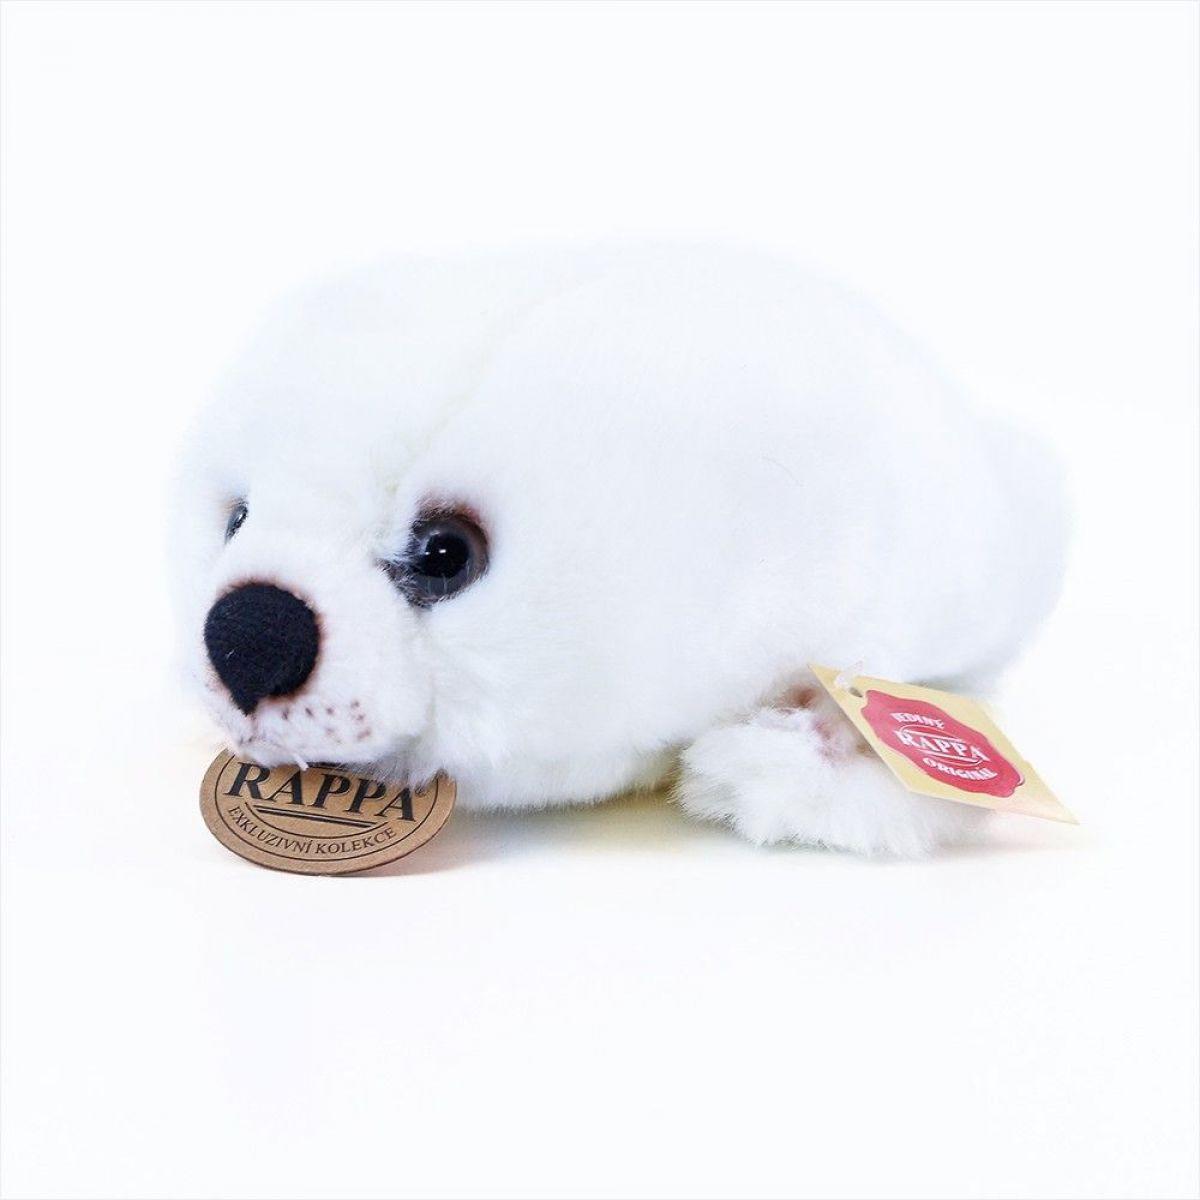 Rappa Plyšový tuleň 23 cm